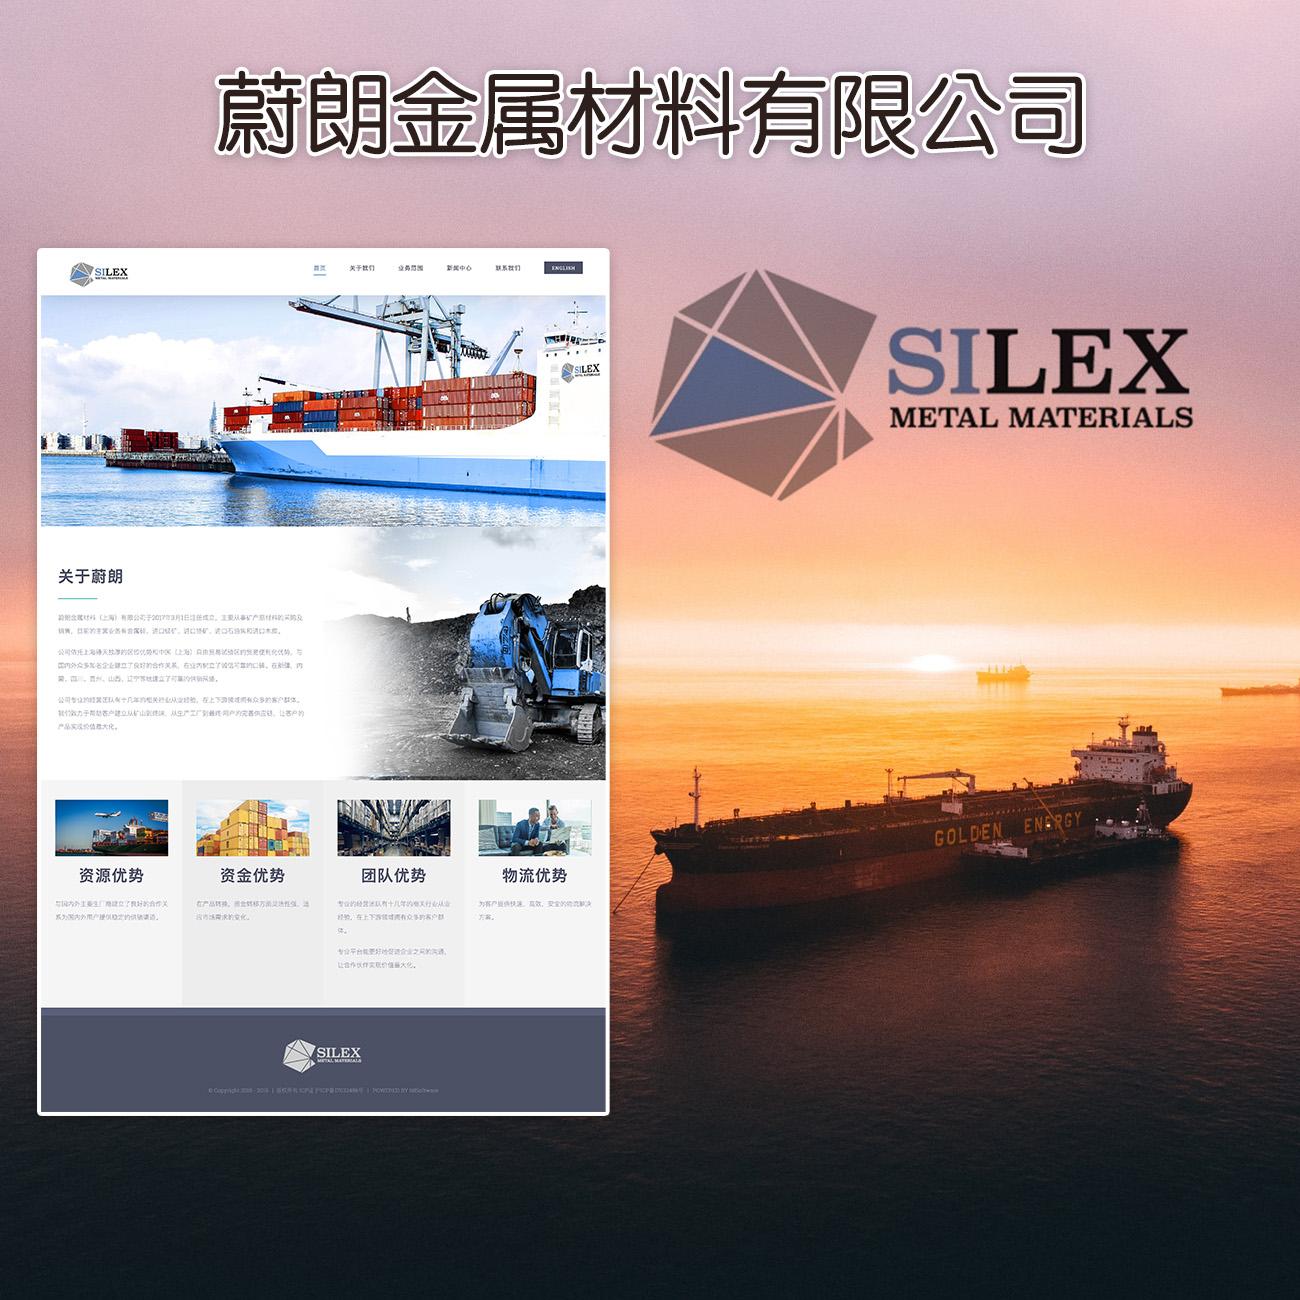 蔚朗金属材料(上海)有限公司